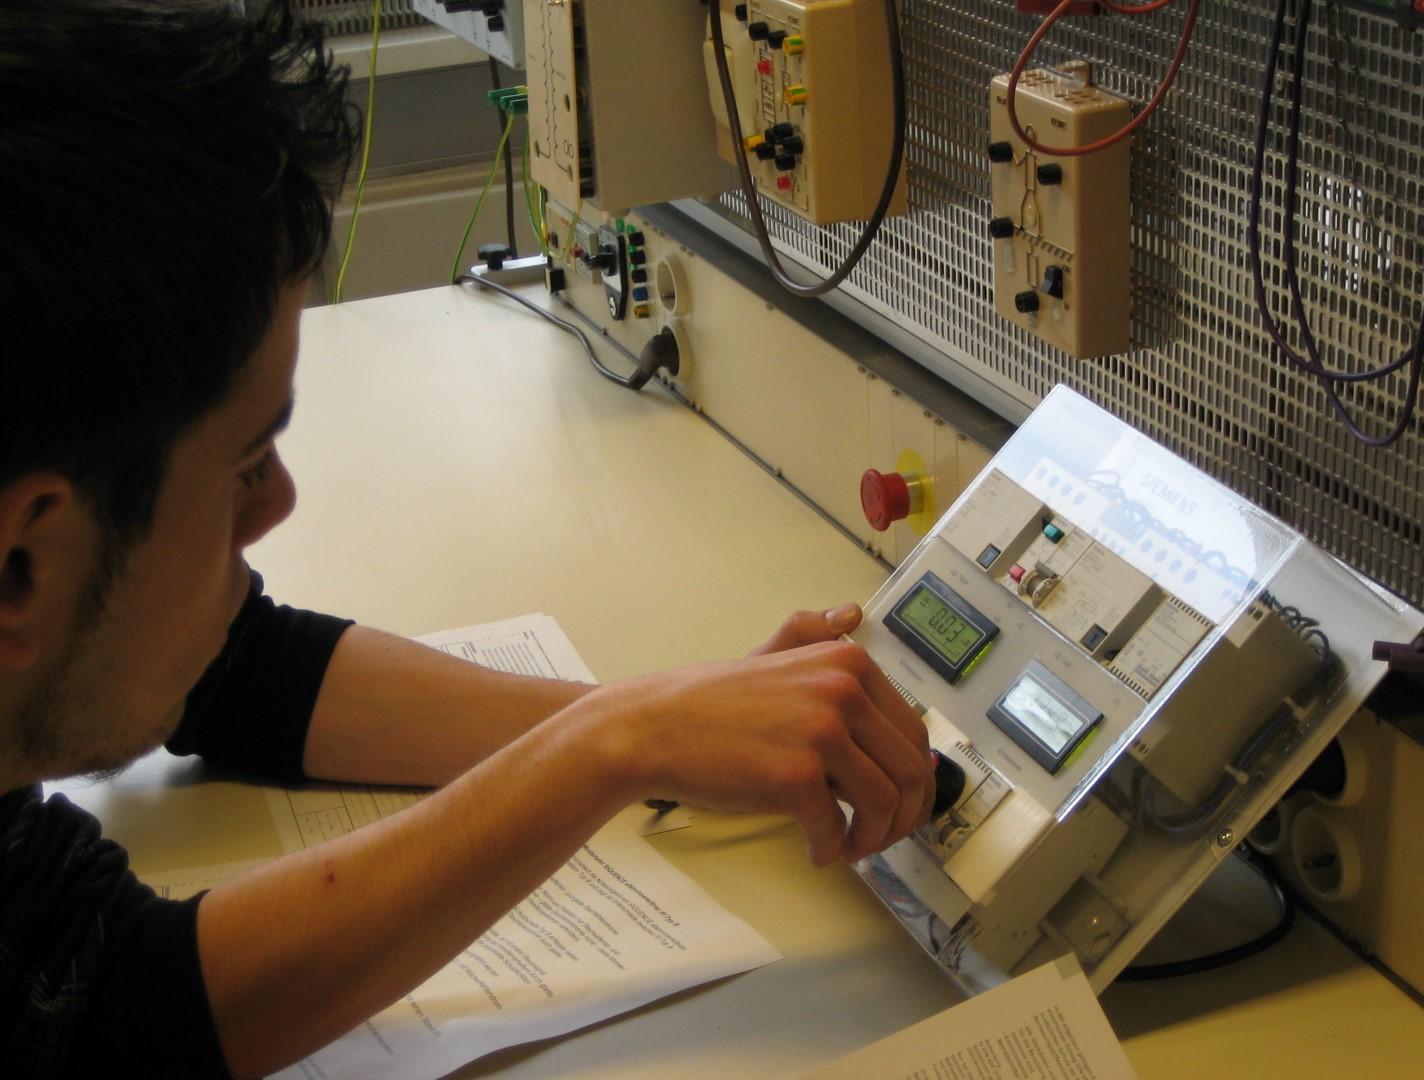 Hein-Moeller-Schule - Fachbereich Elektroenergie und Schutzsysteme